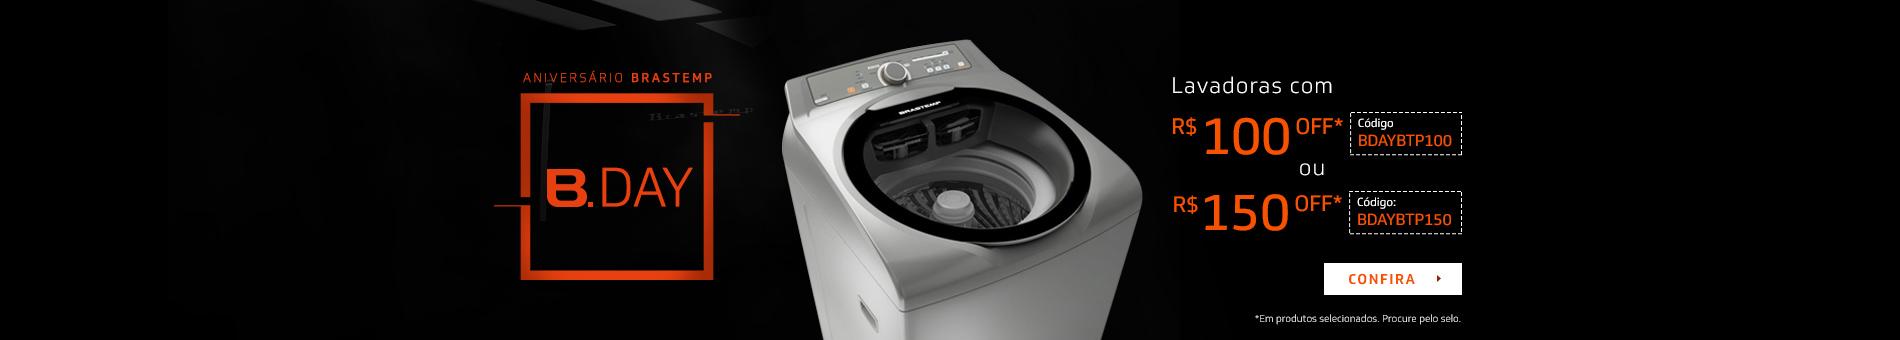 Promoção Interna - 2132 - camp-bday_lavadoras_14082017_home5 - lavadoras - 5